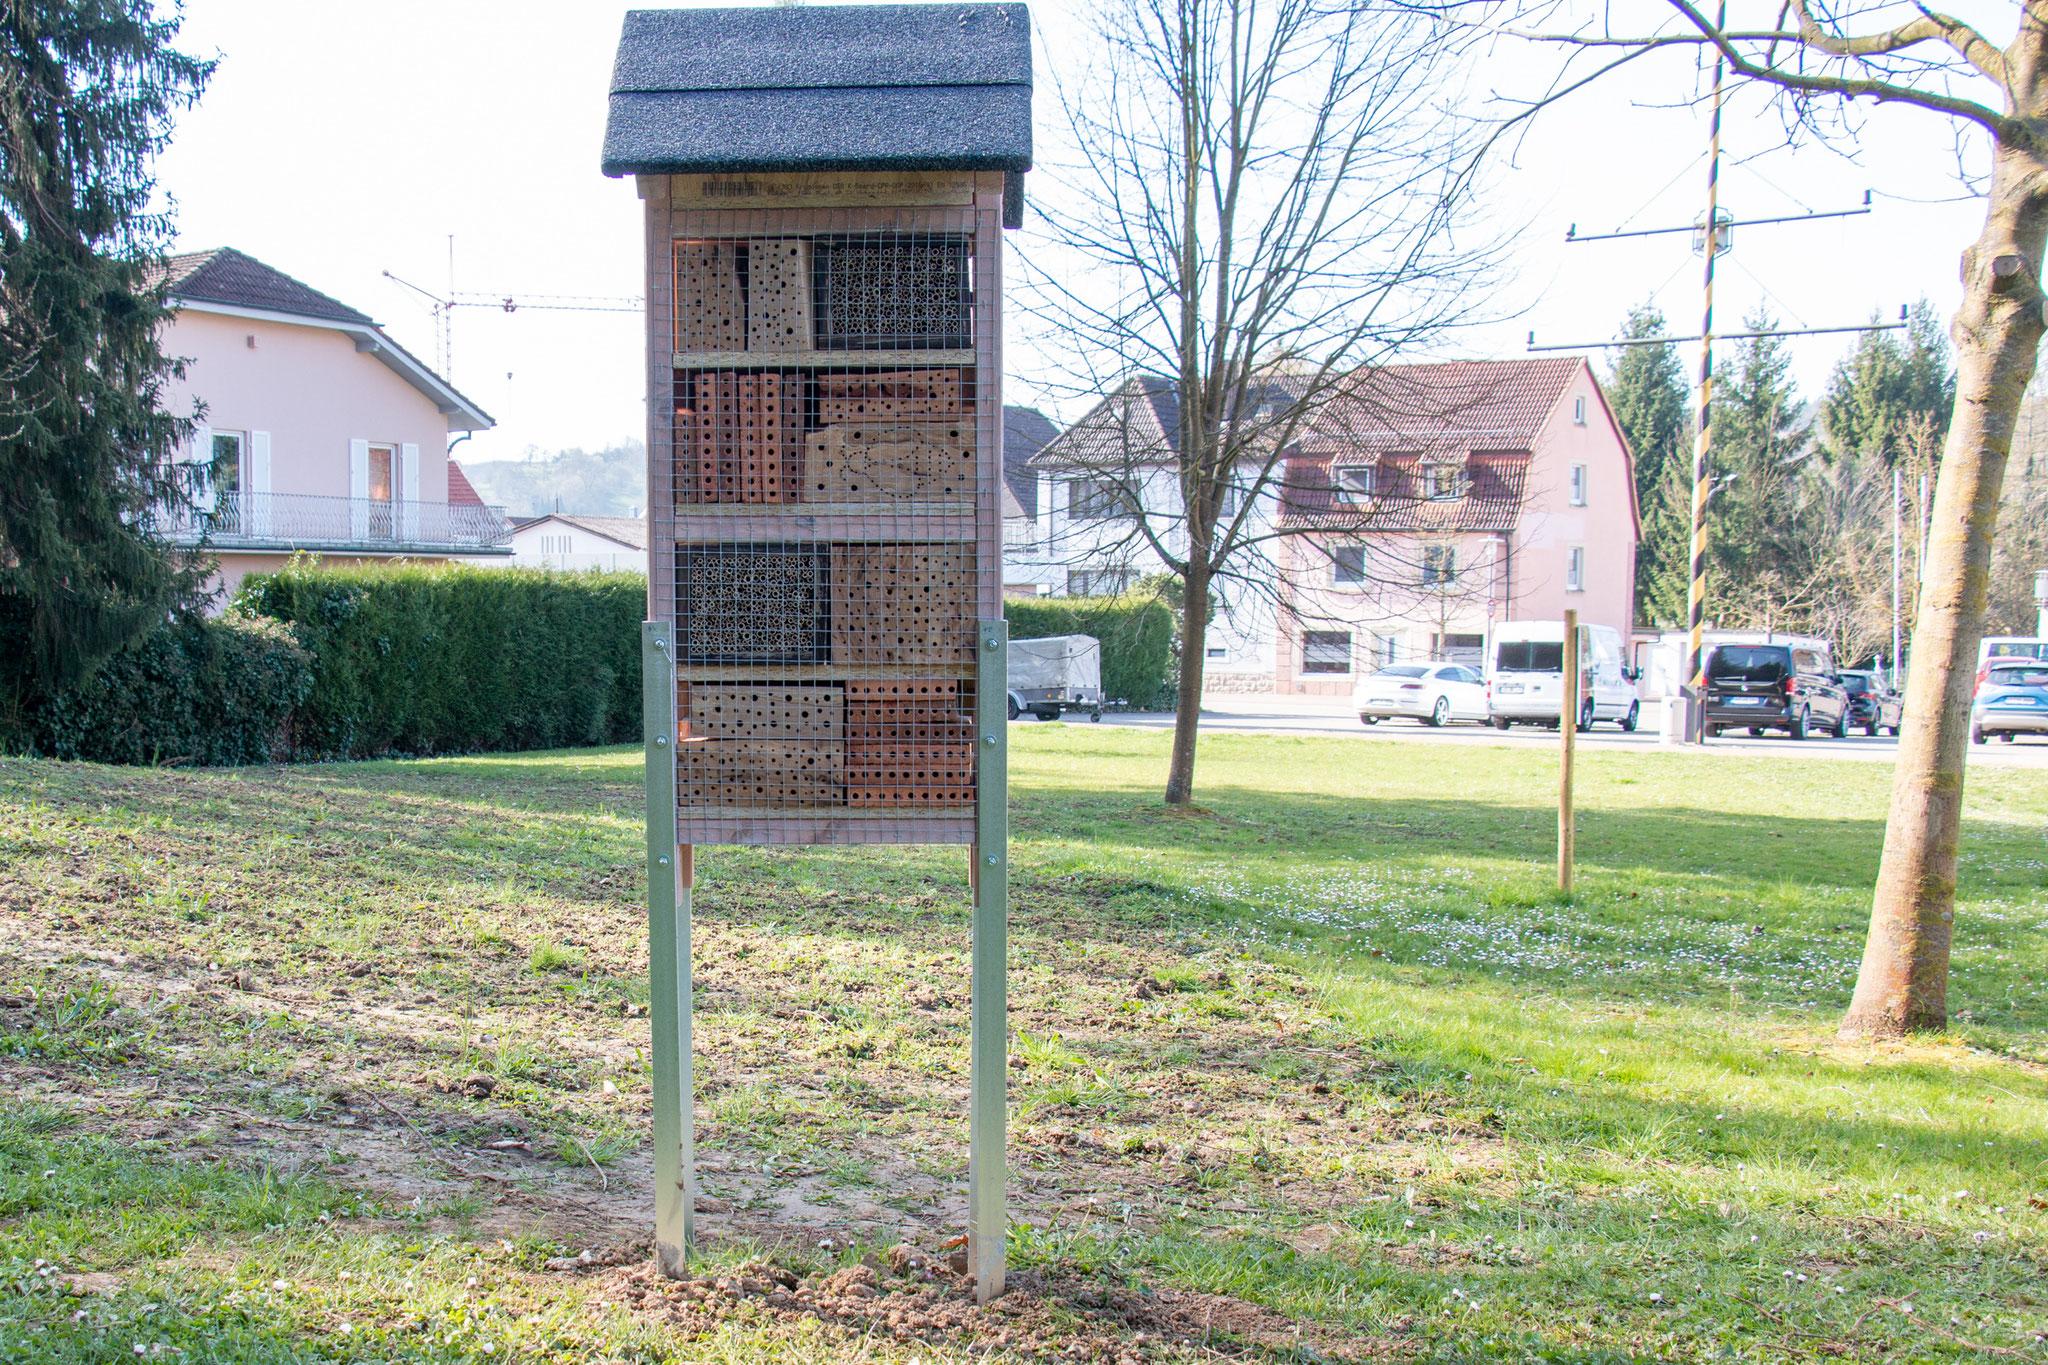 fertige Rückseite mit verklebten Holzblöcken und Keilen (Foto: M. Budig)